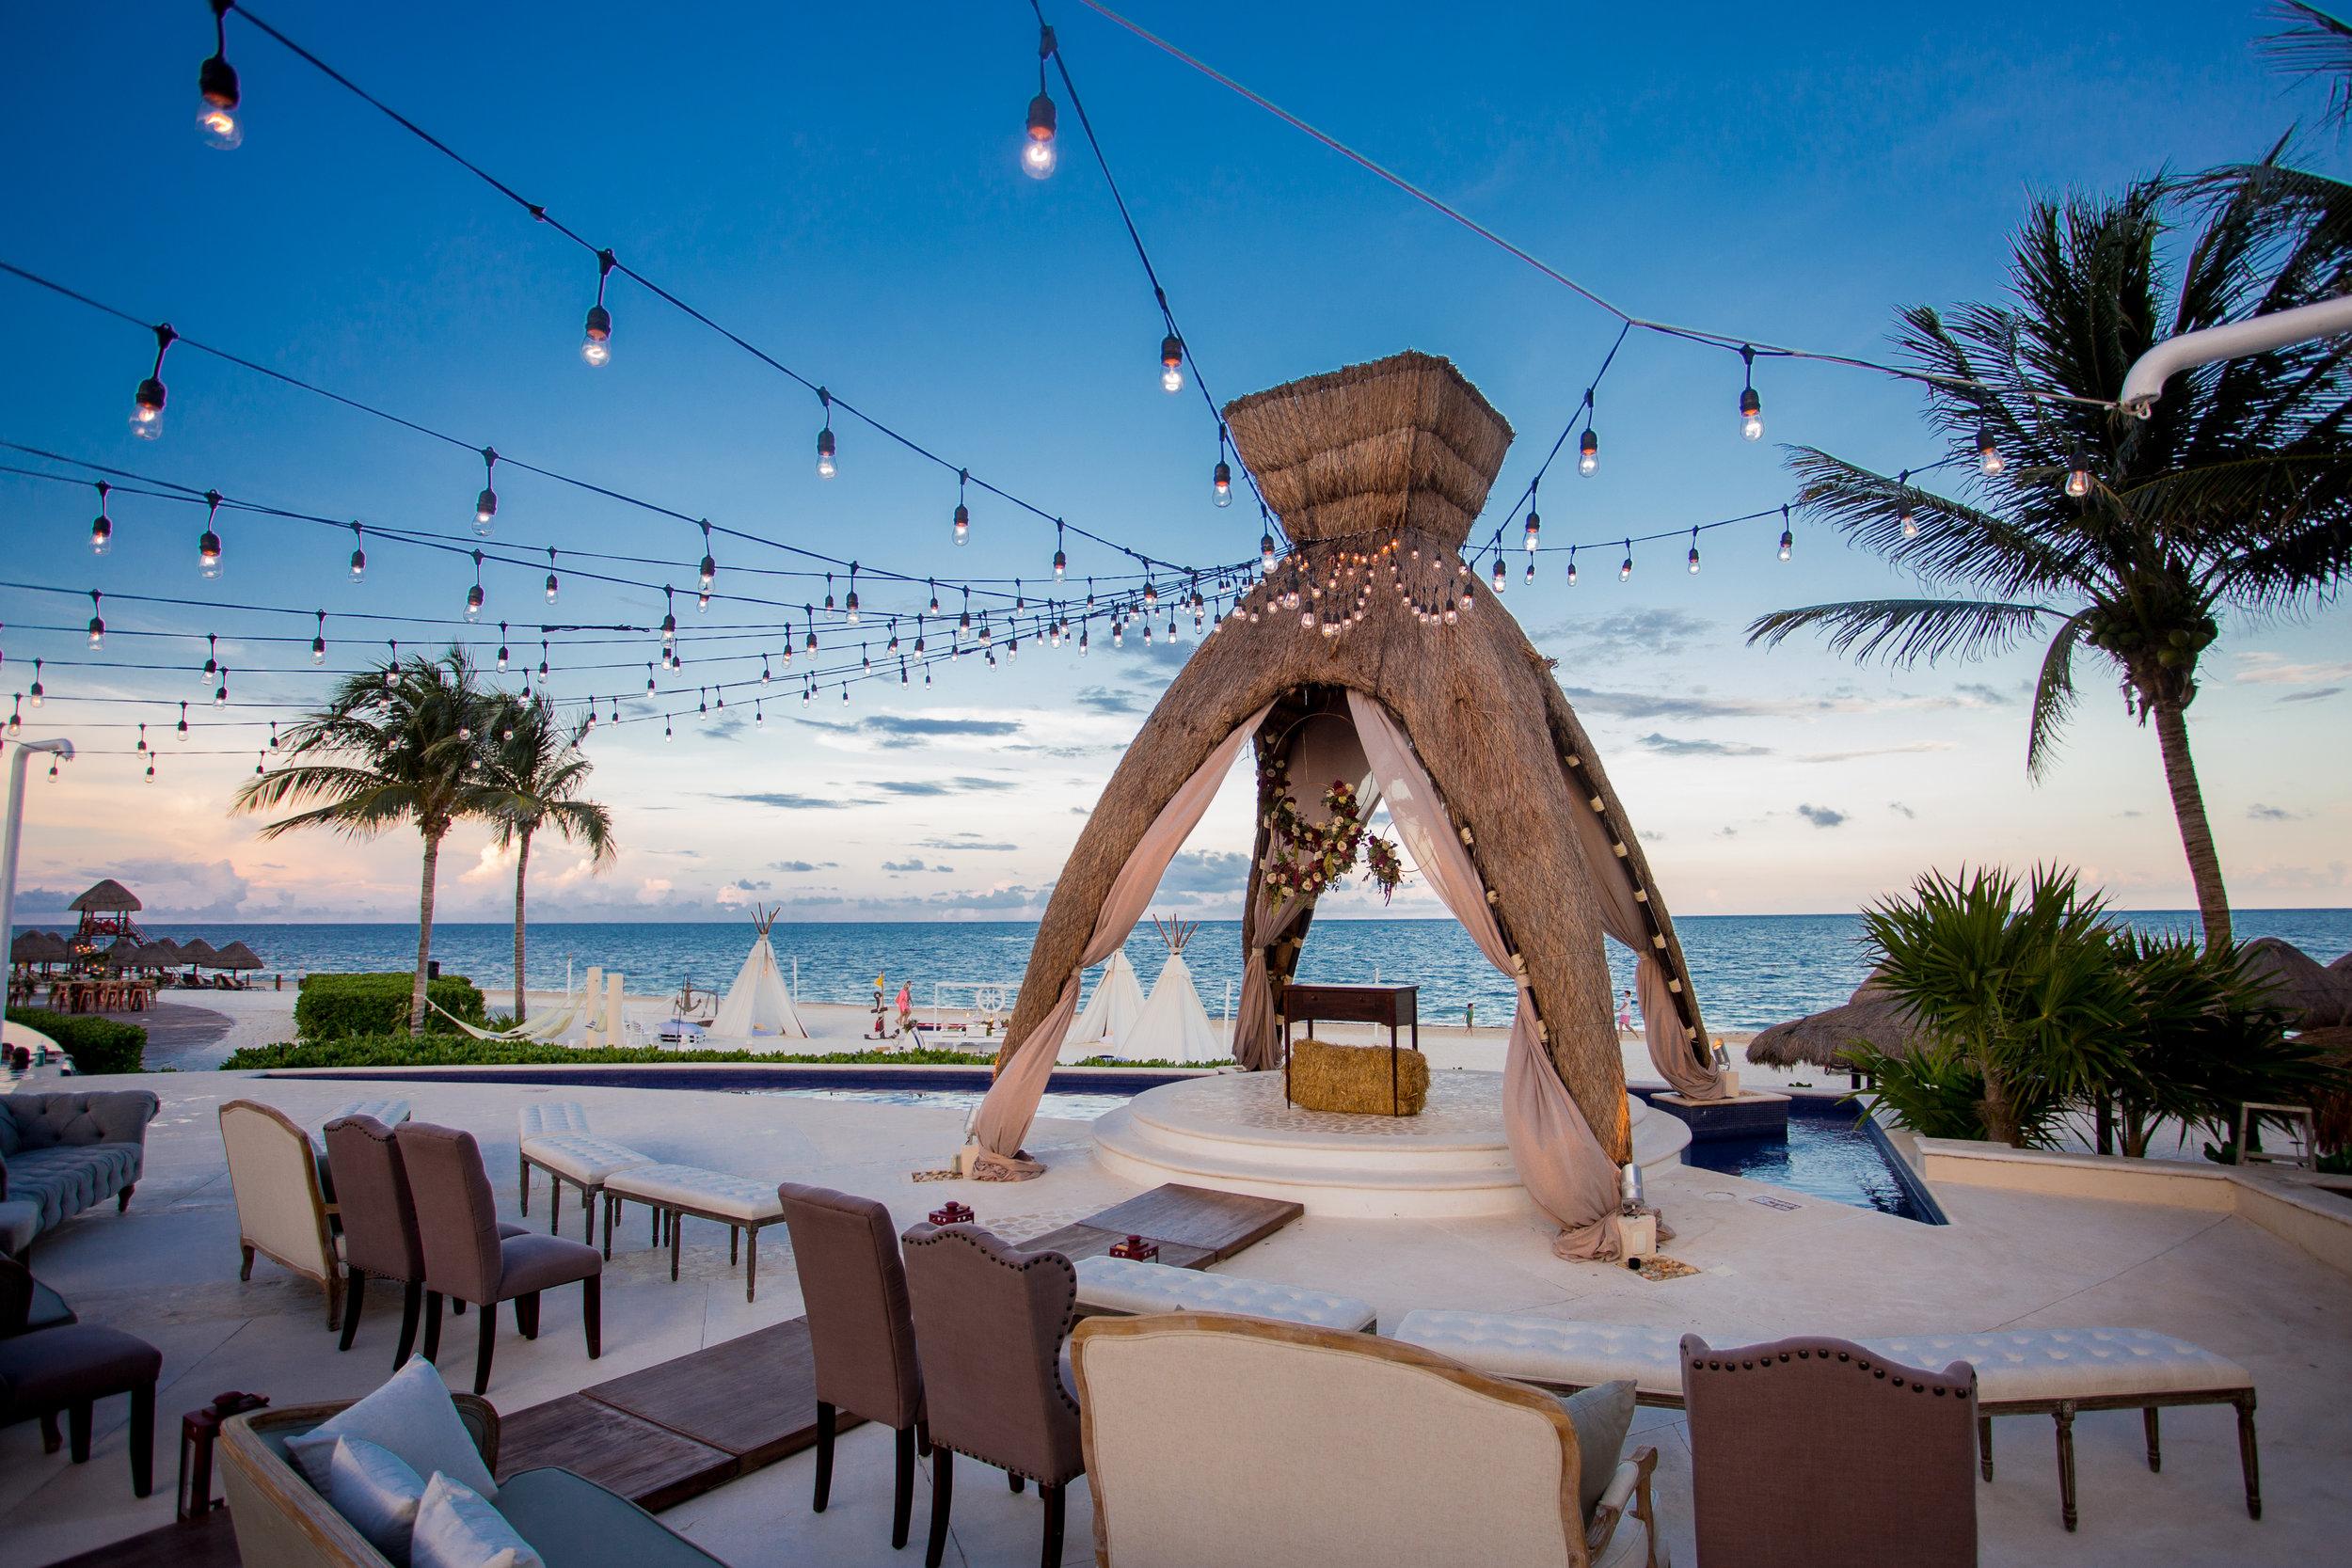 Dreams Riviera Cancun Gazebo.jpg